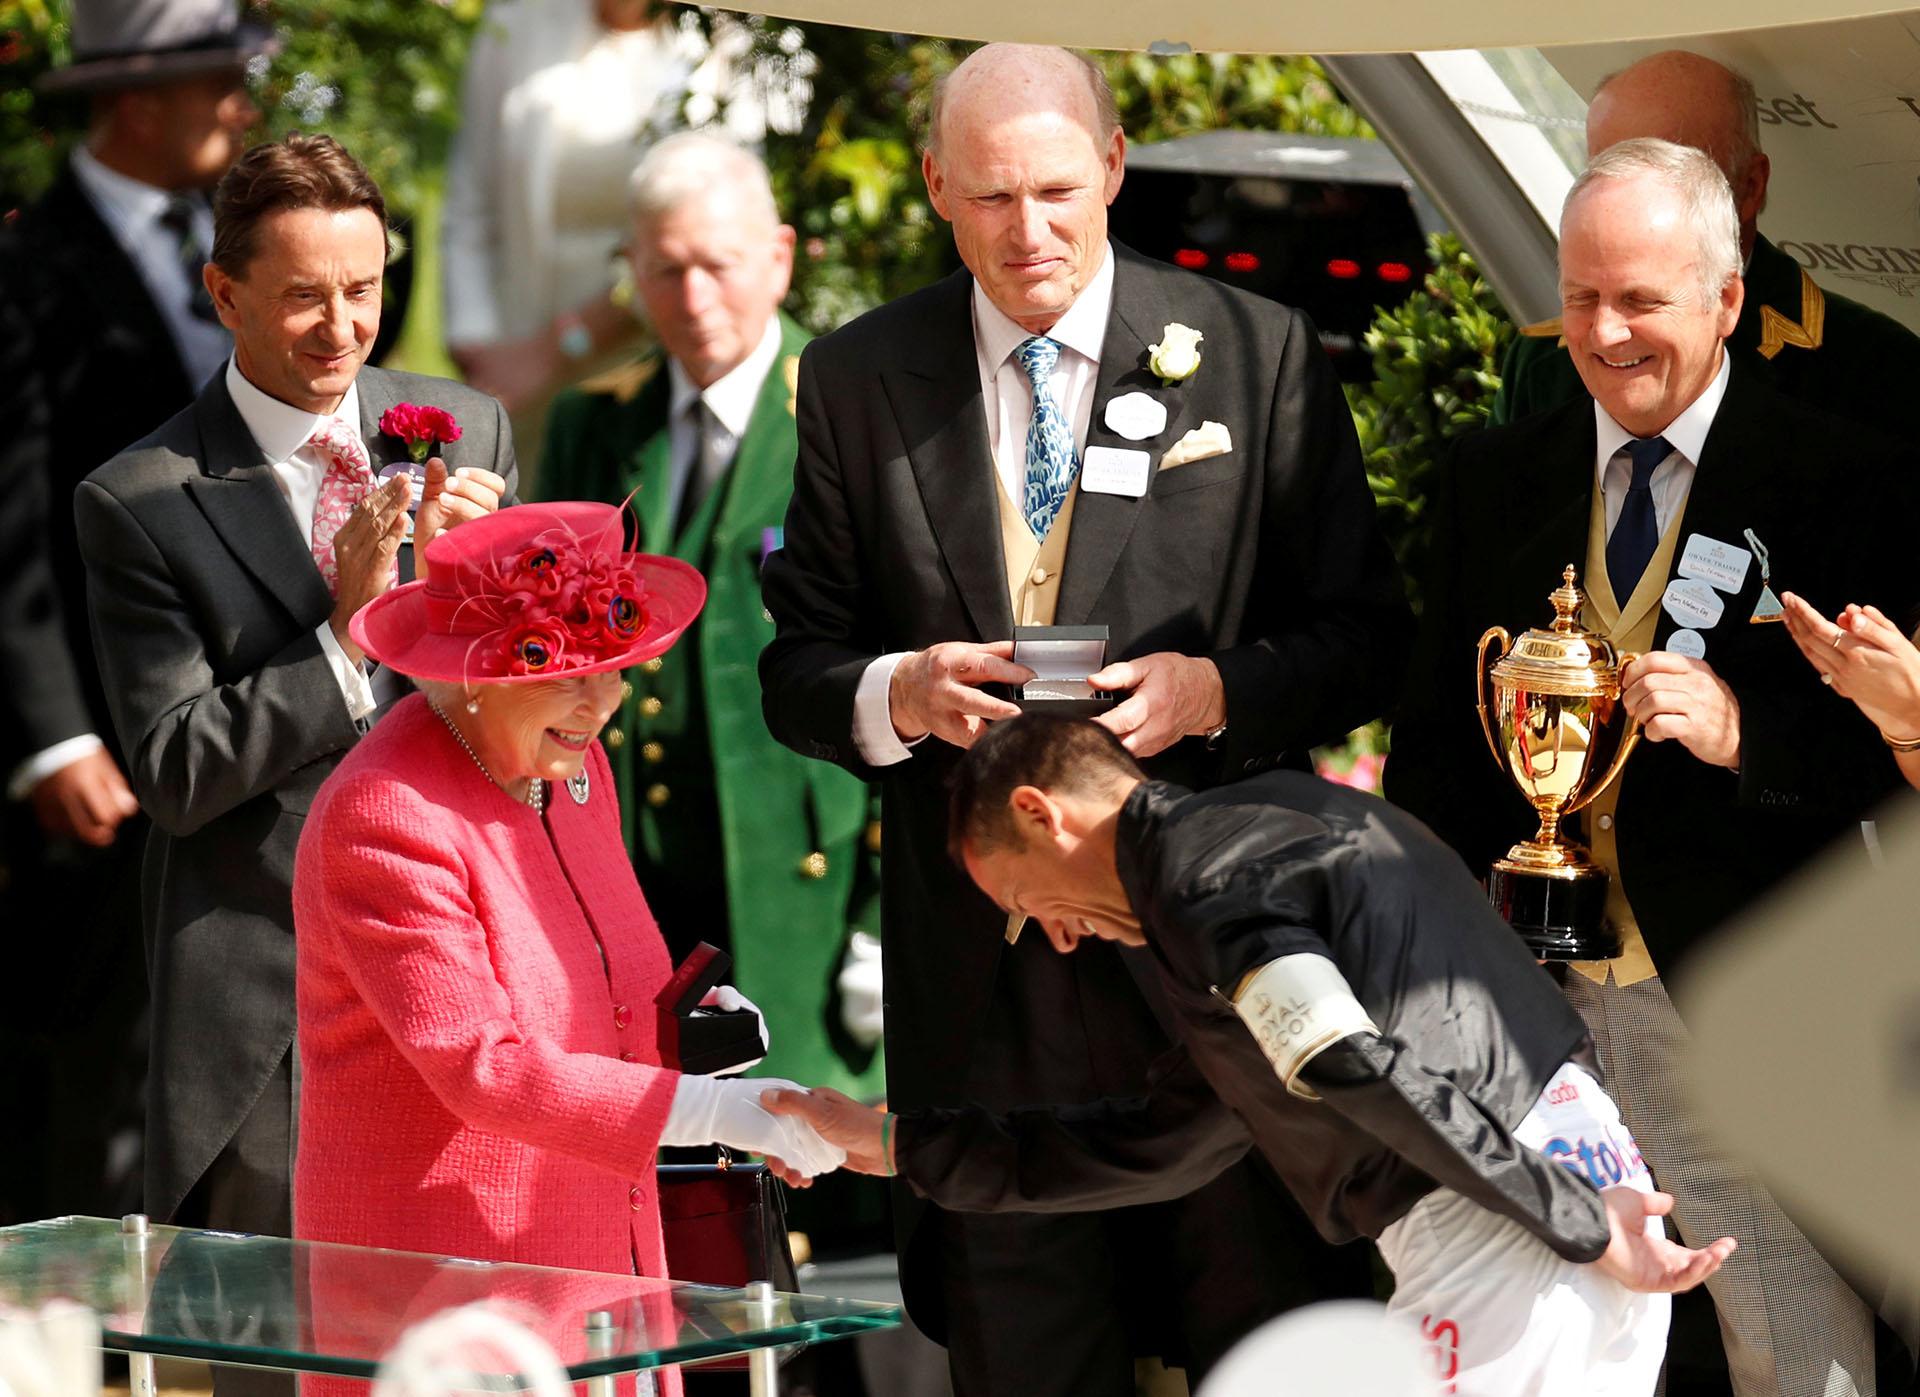 El saludo de Frankie Dettori quien finalmente se quedó con la copa de oro